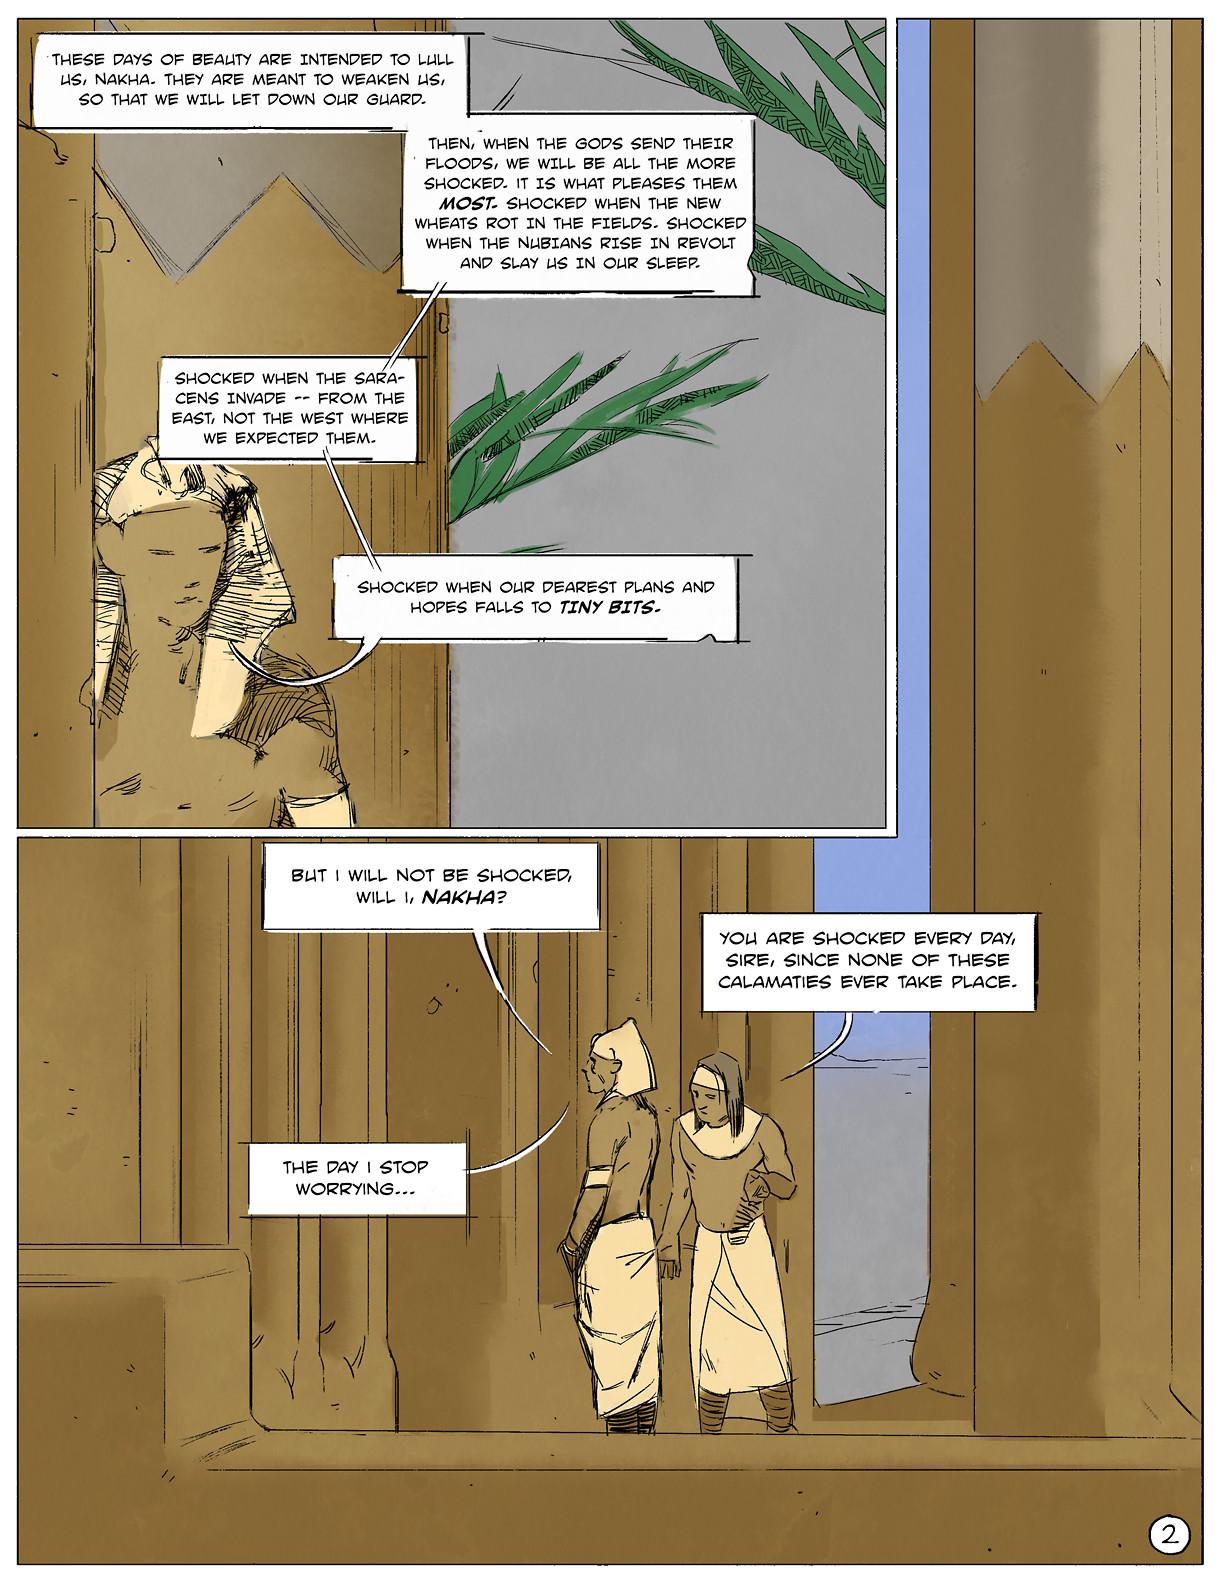 Devin korwin page 2